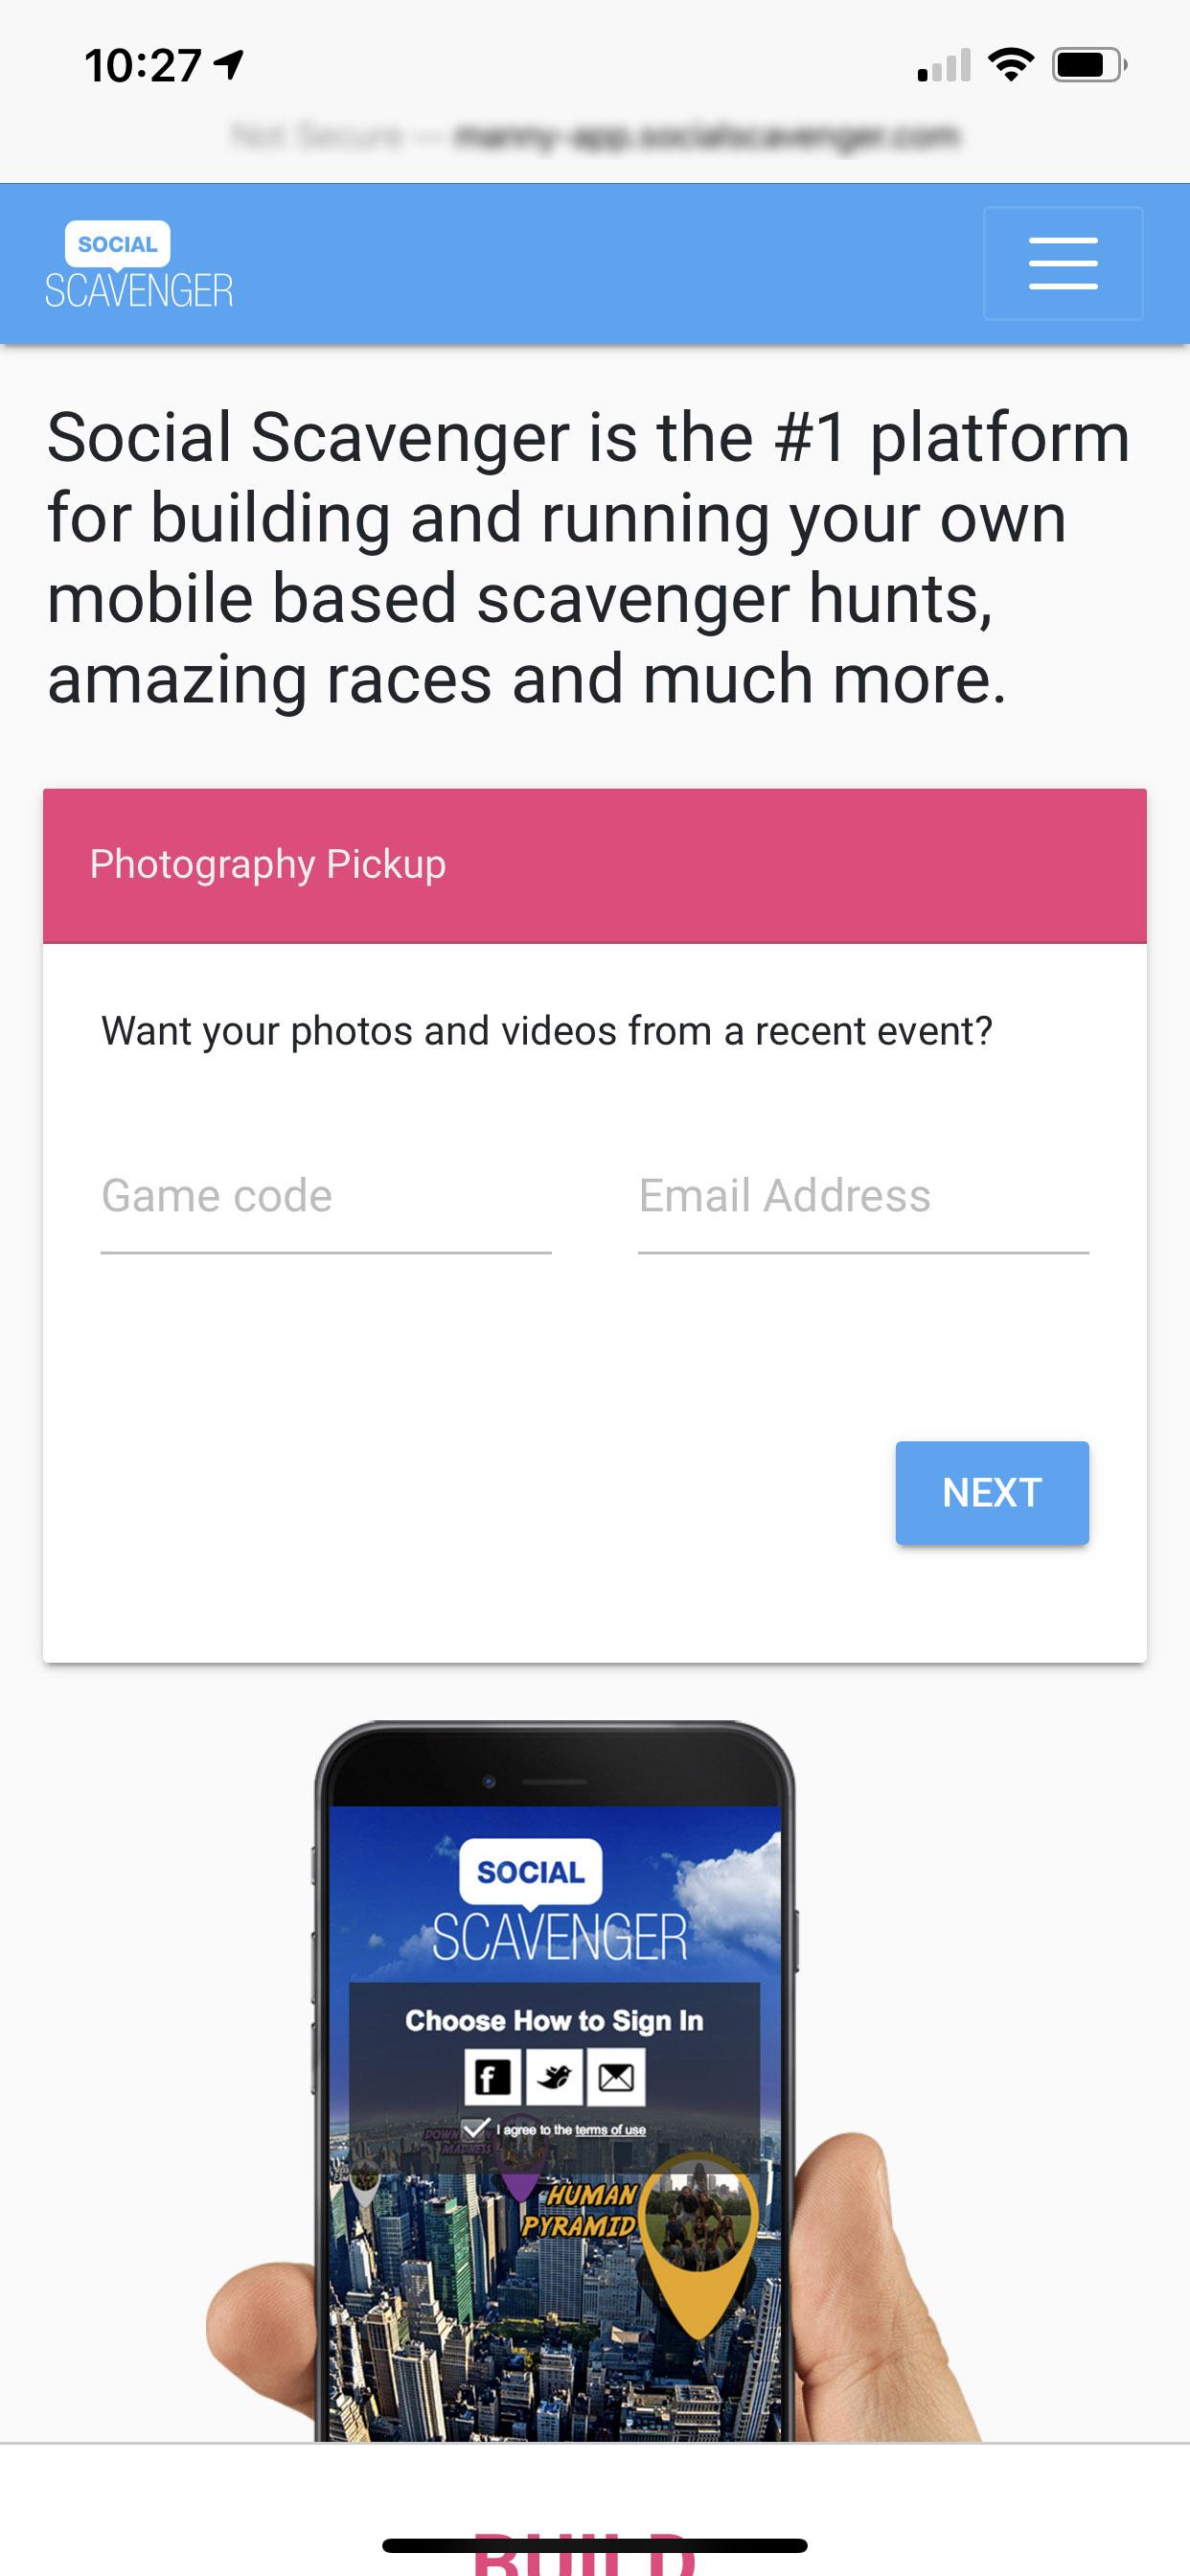 Social Scavenger App Photo Pickup